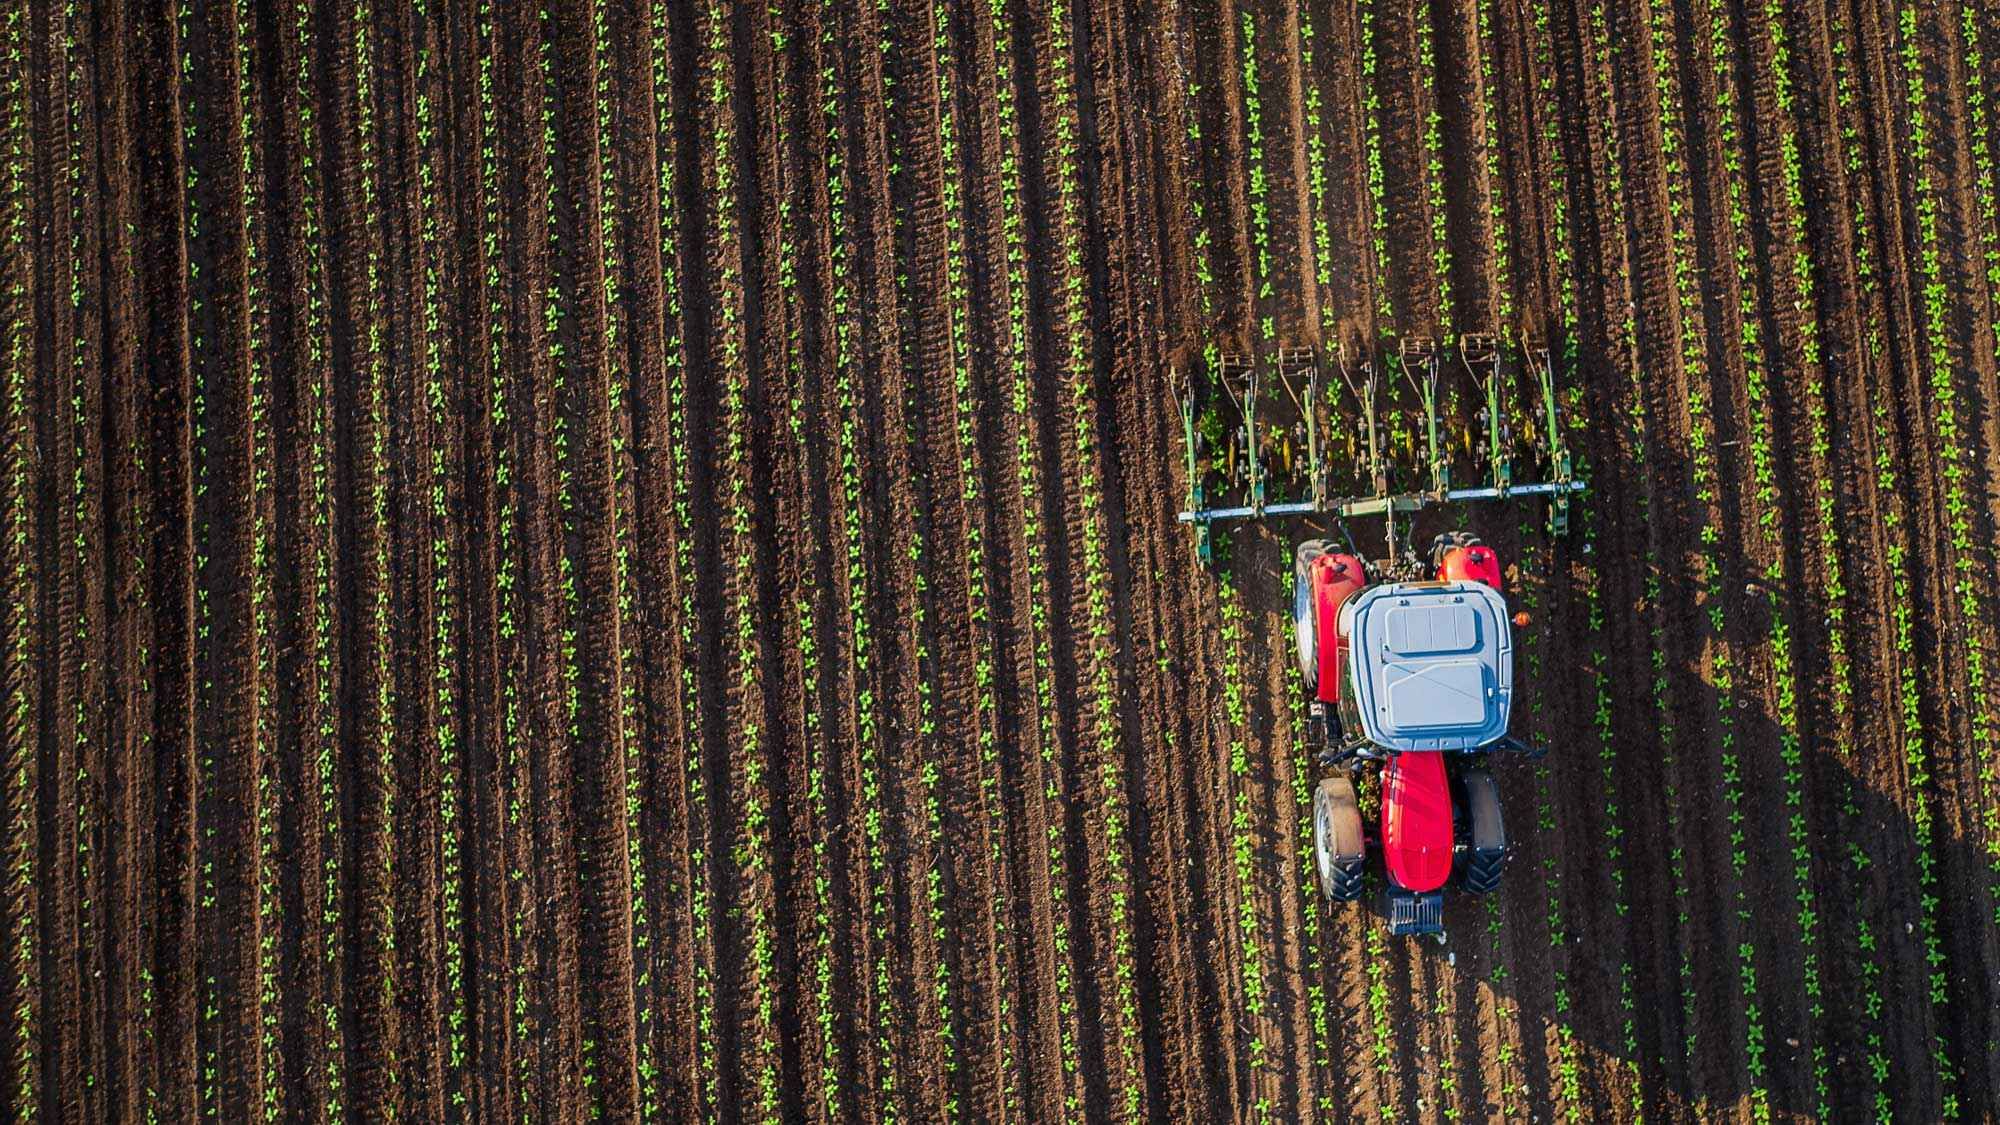 εφαρμοσμένο_μάρκετινγκ_αγροτικών_προϊόντων